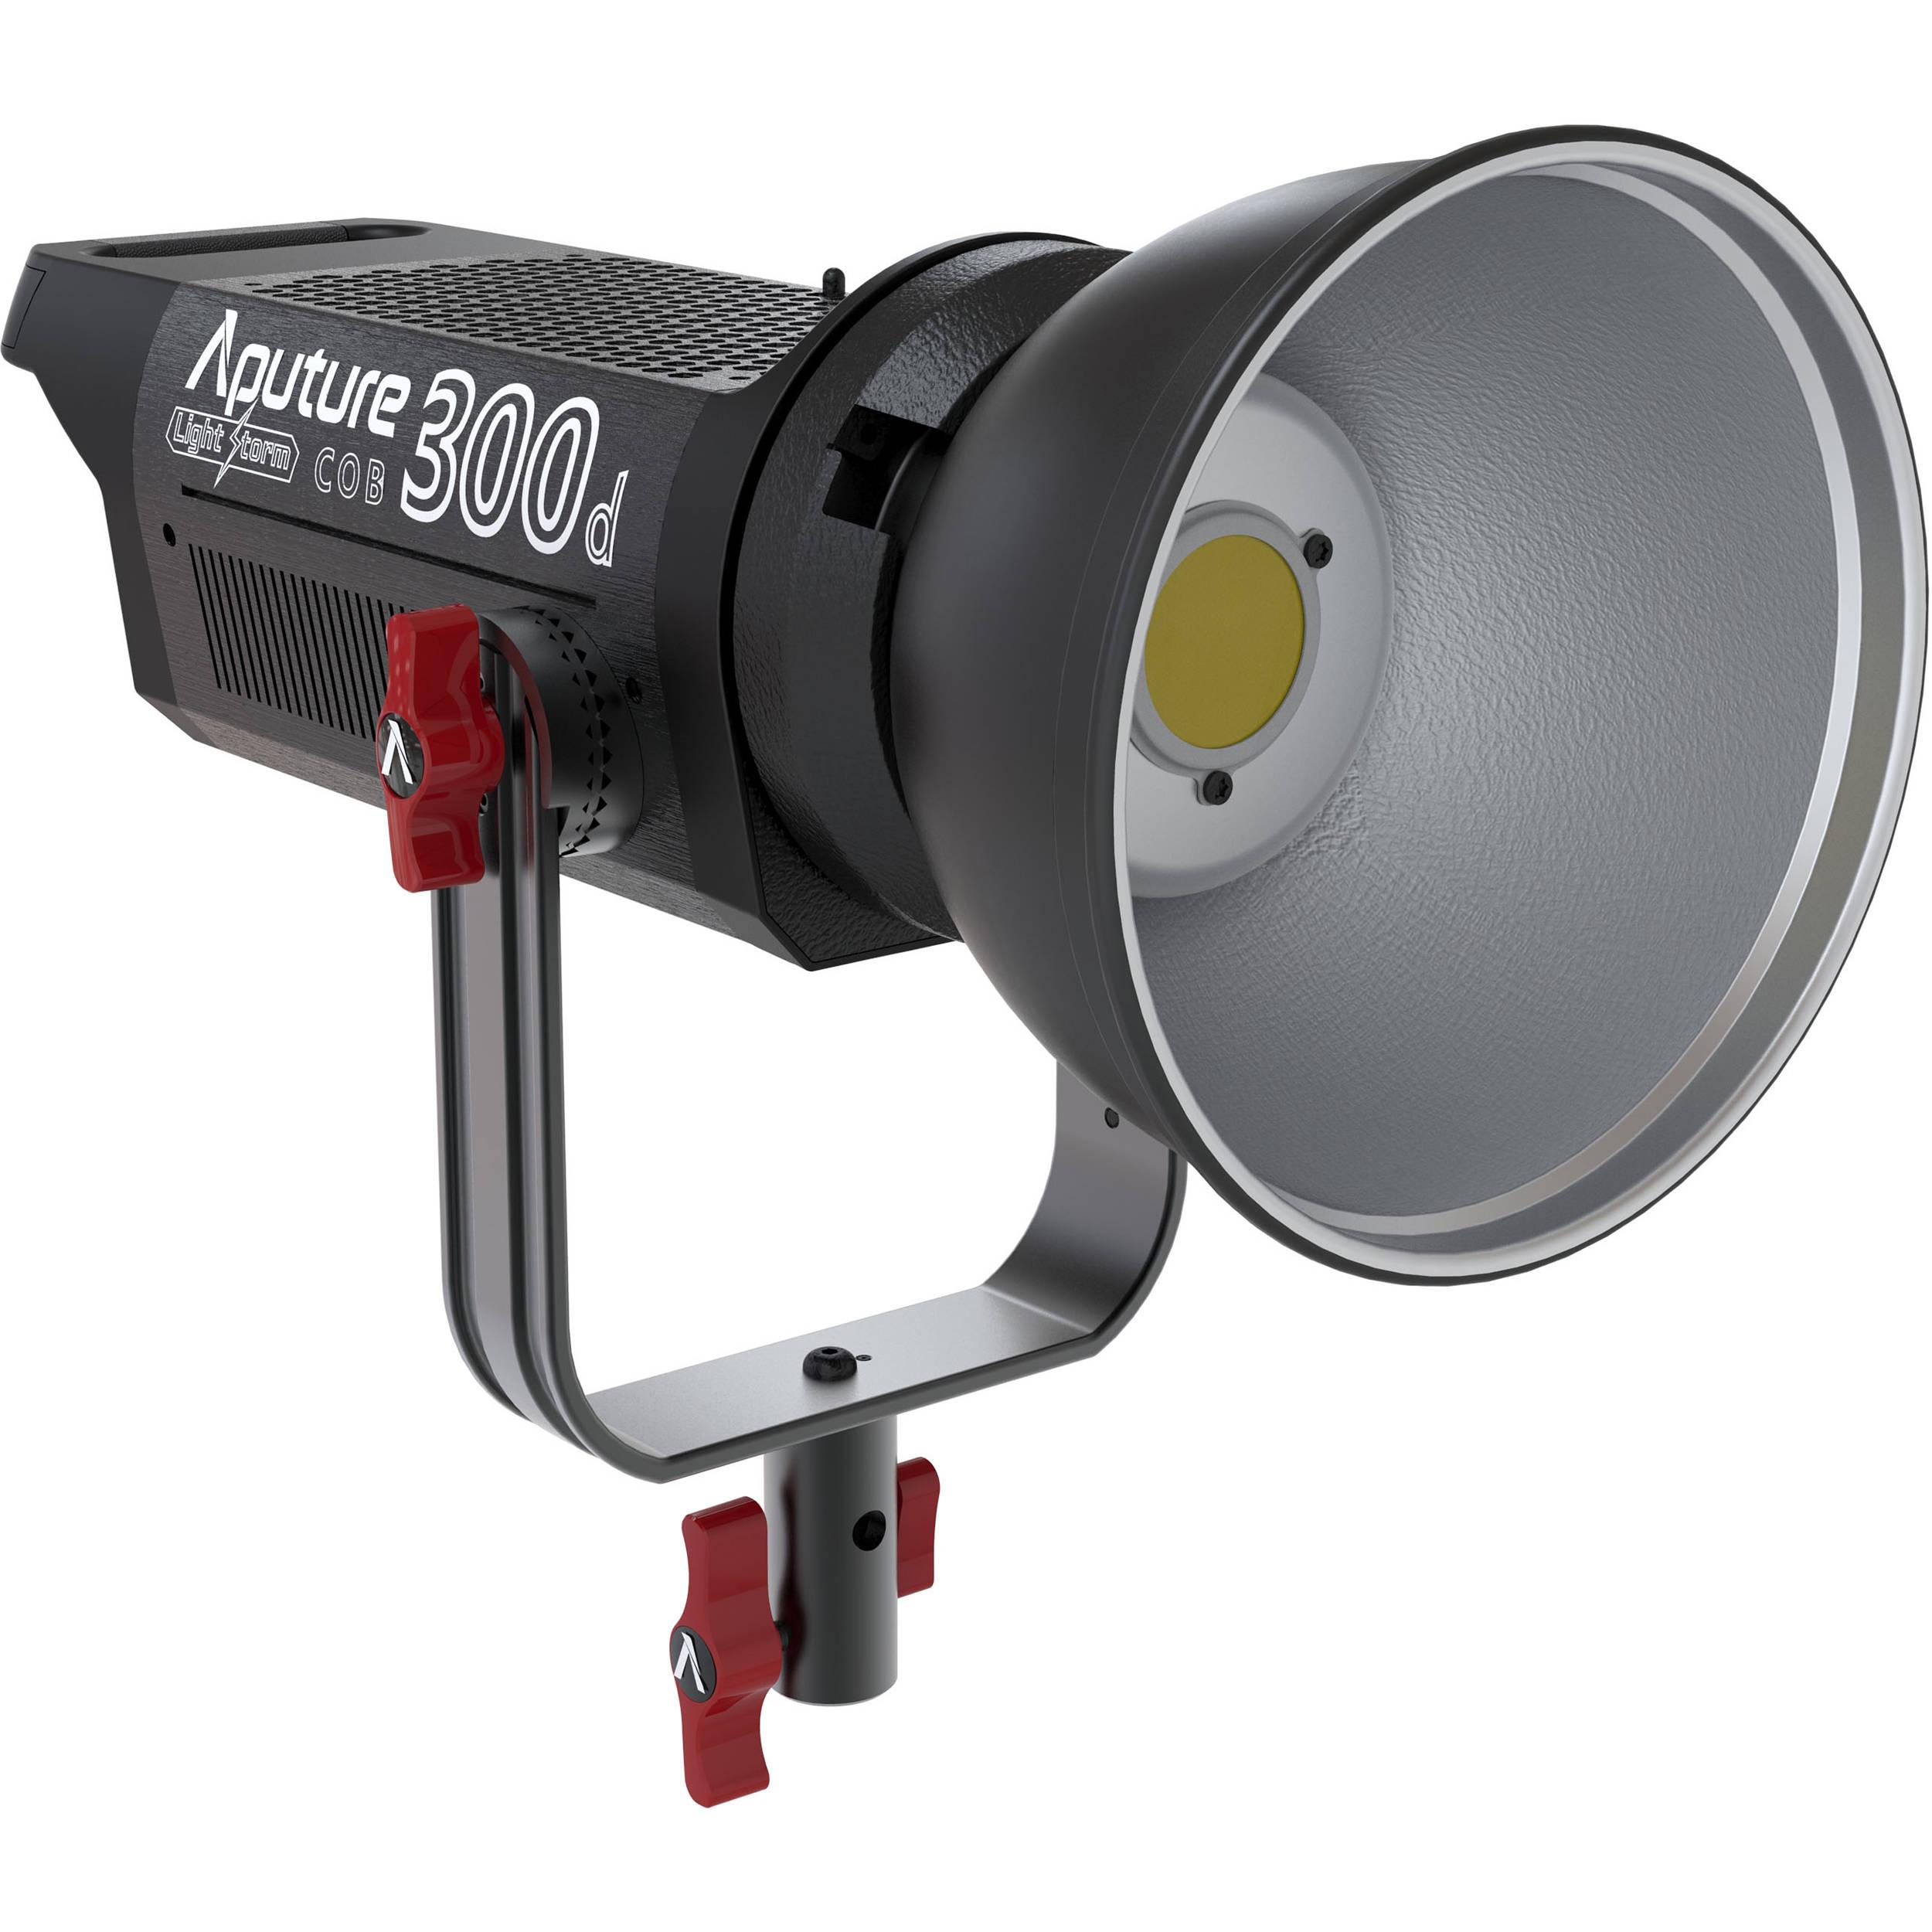 Aputure Light Storm C300d LED